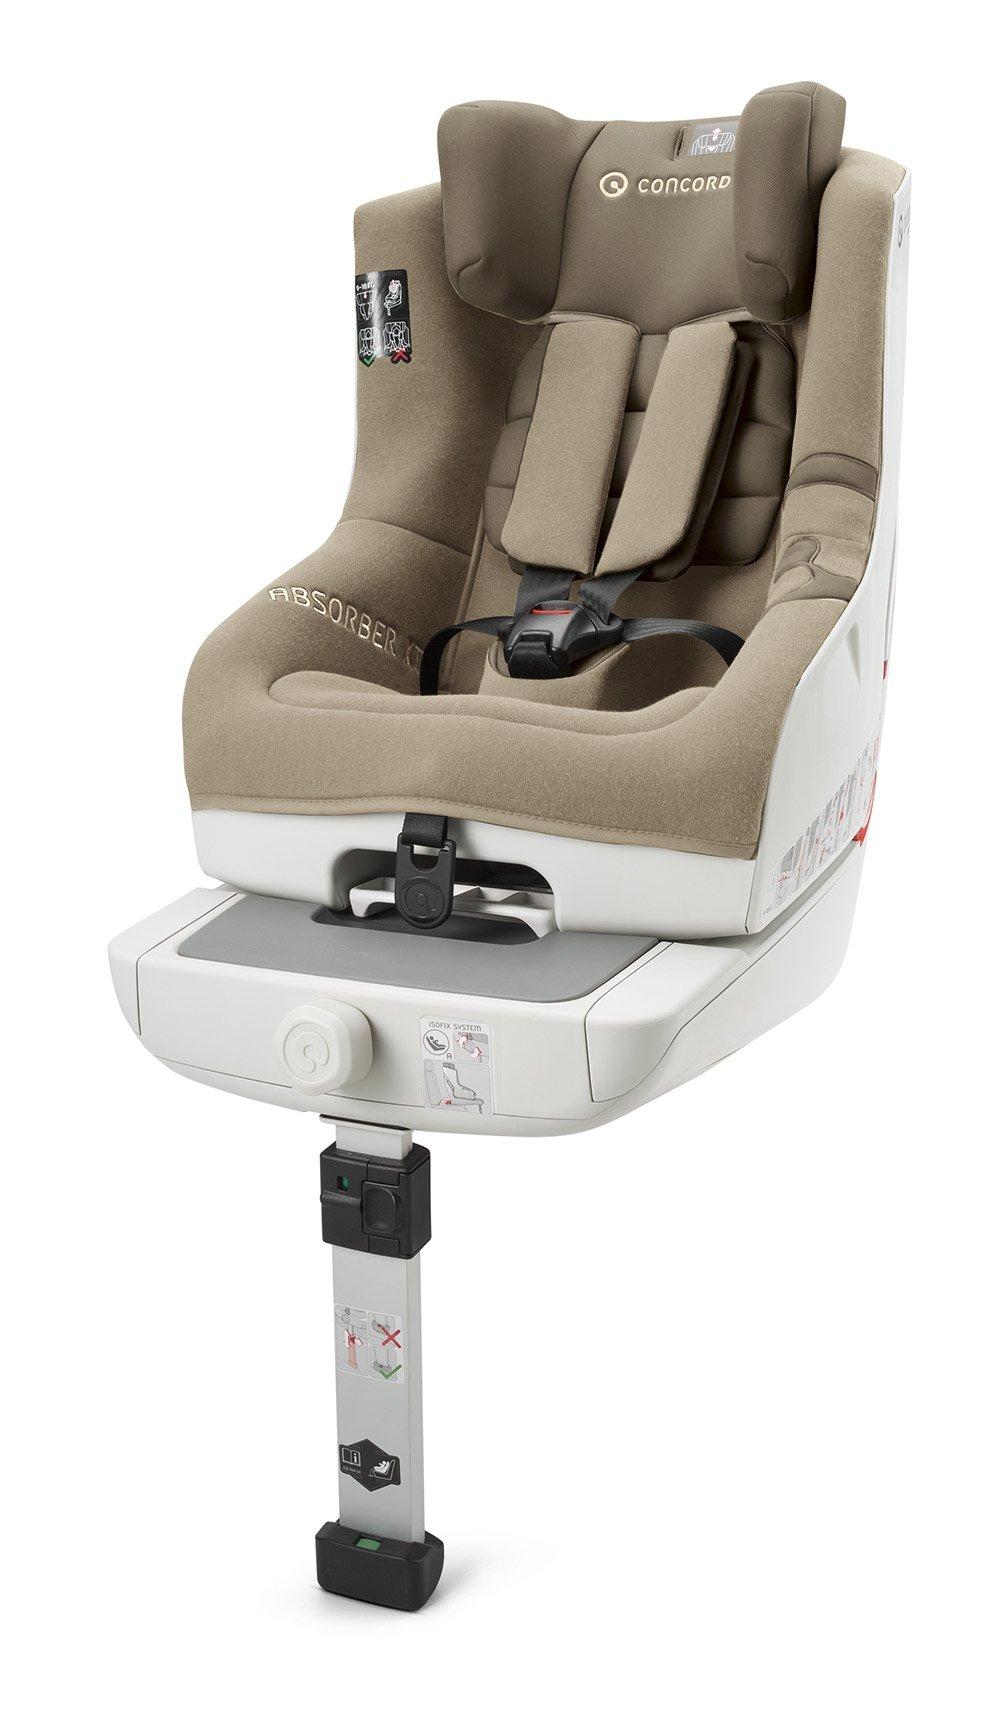 Concord, Seggiolino da auto per bambini, modello Absorber XT, Beige (ALMOND BEIGE), Gruppo 1 (9-18